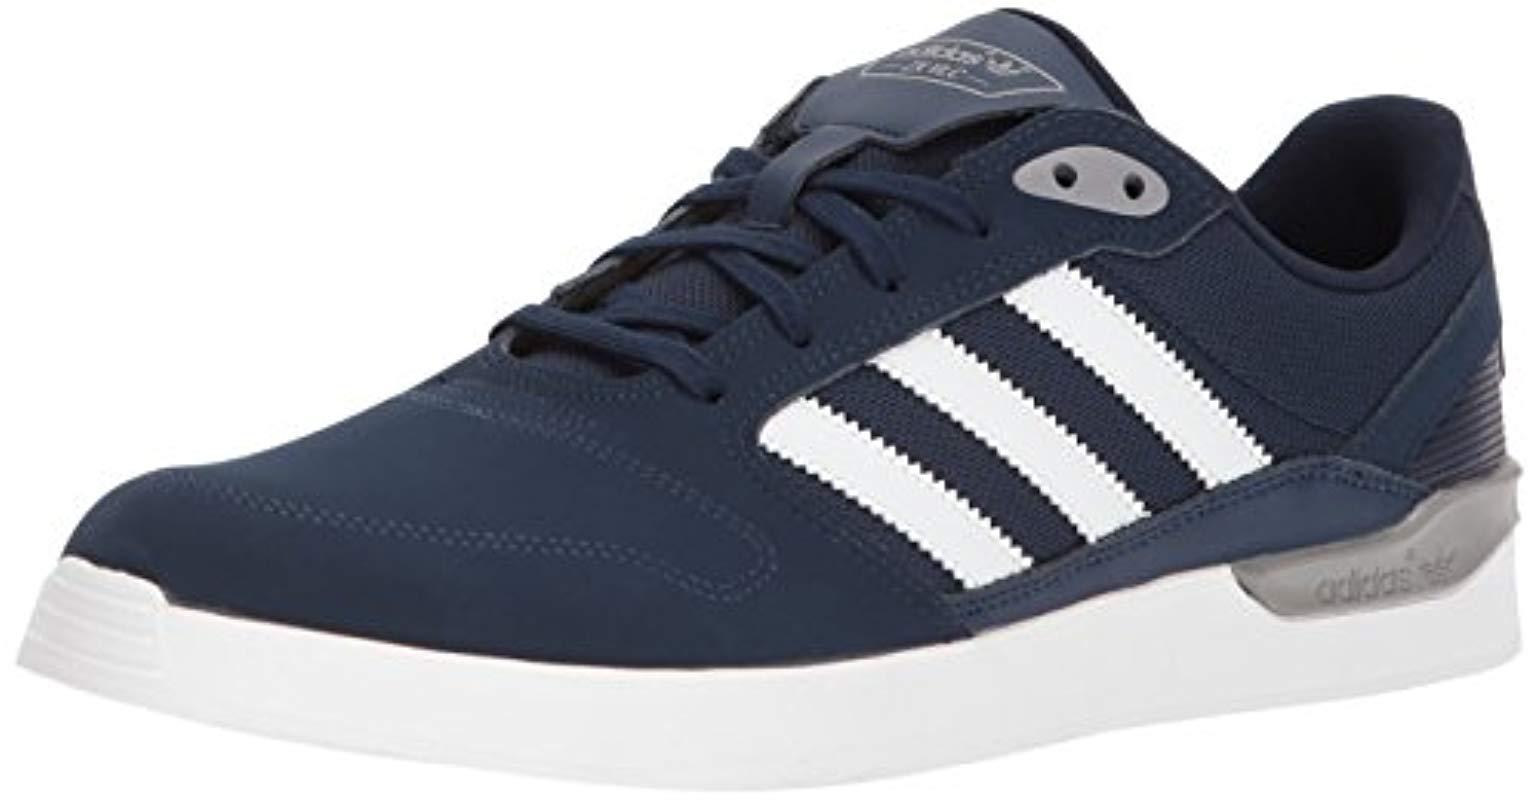 promo code 5c4ec a674a adidas Originals. Mens Blue Zx Vulc